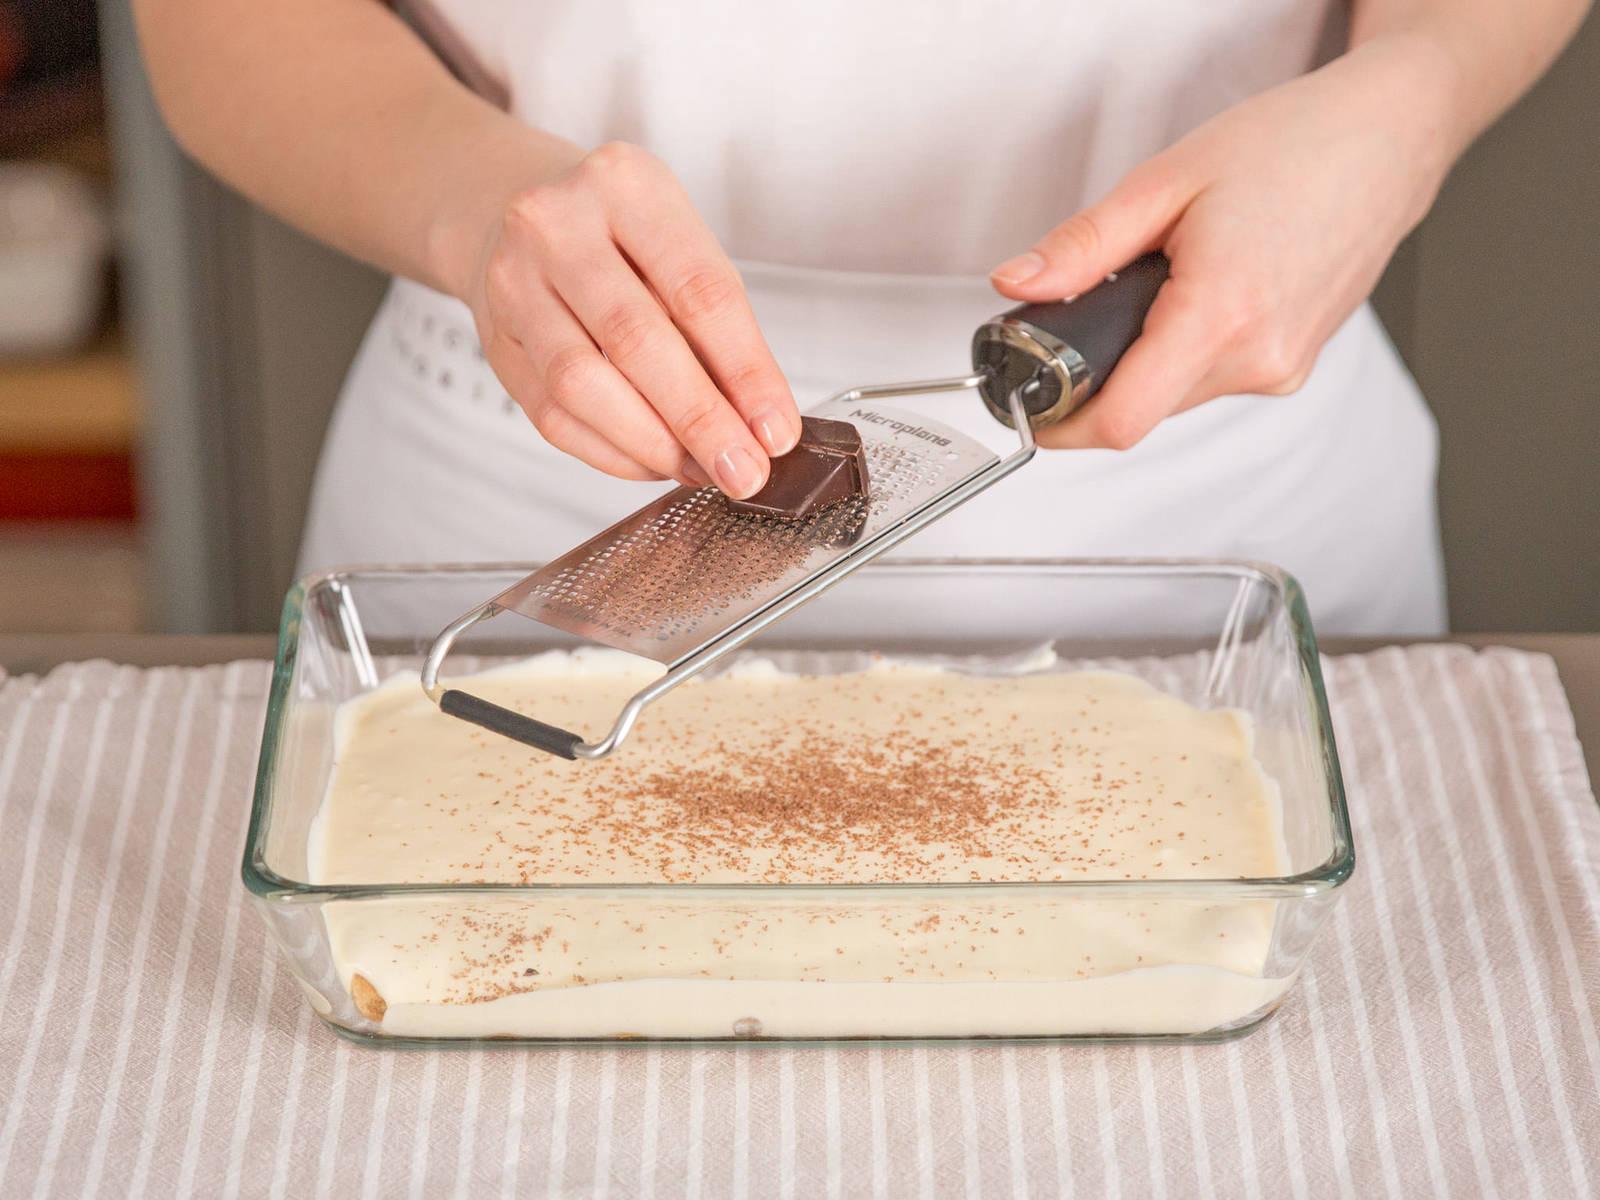 在上面铺一层马斯卡普尼奶酪,然后再薄撒一层巧克力碎。